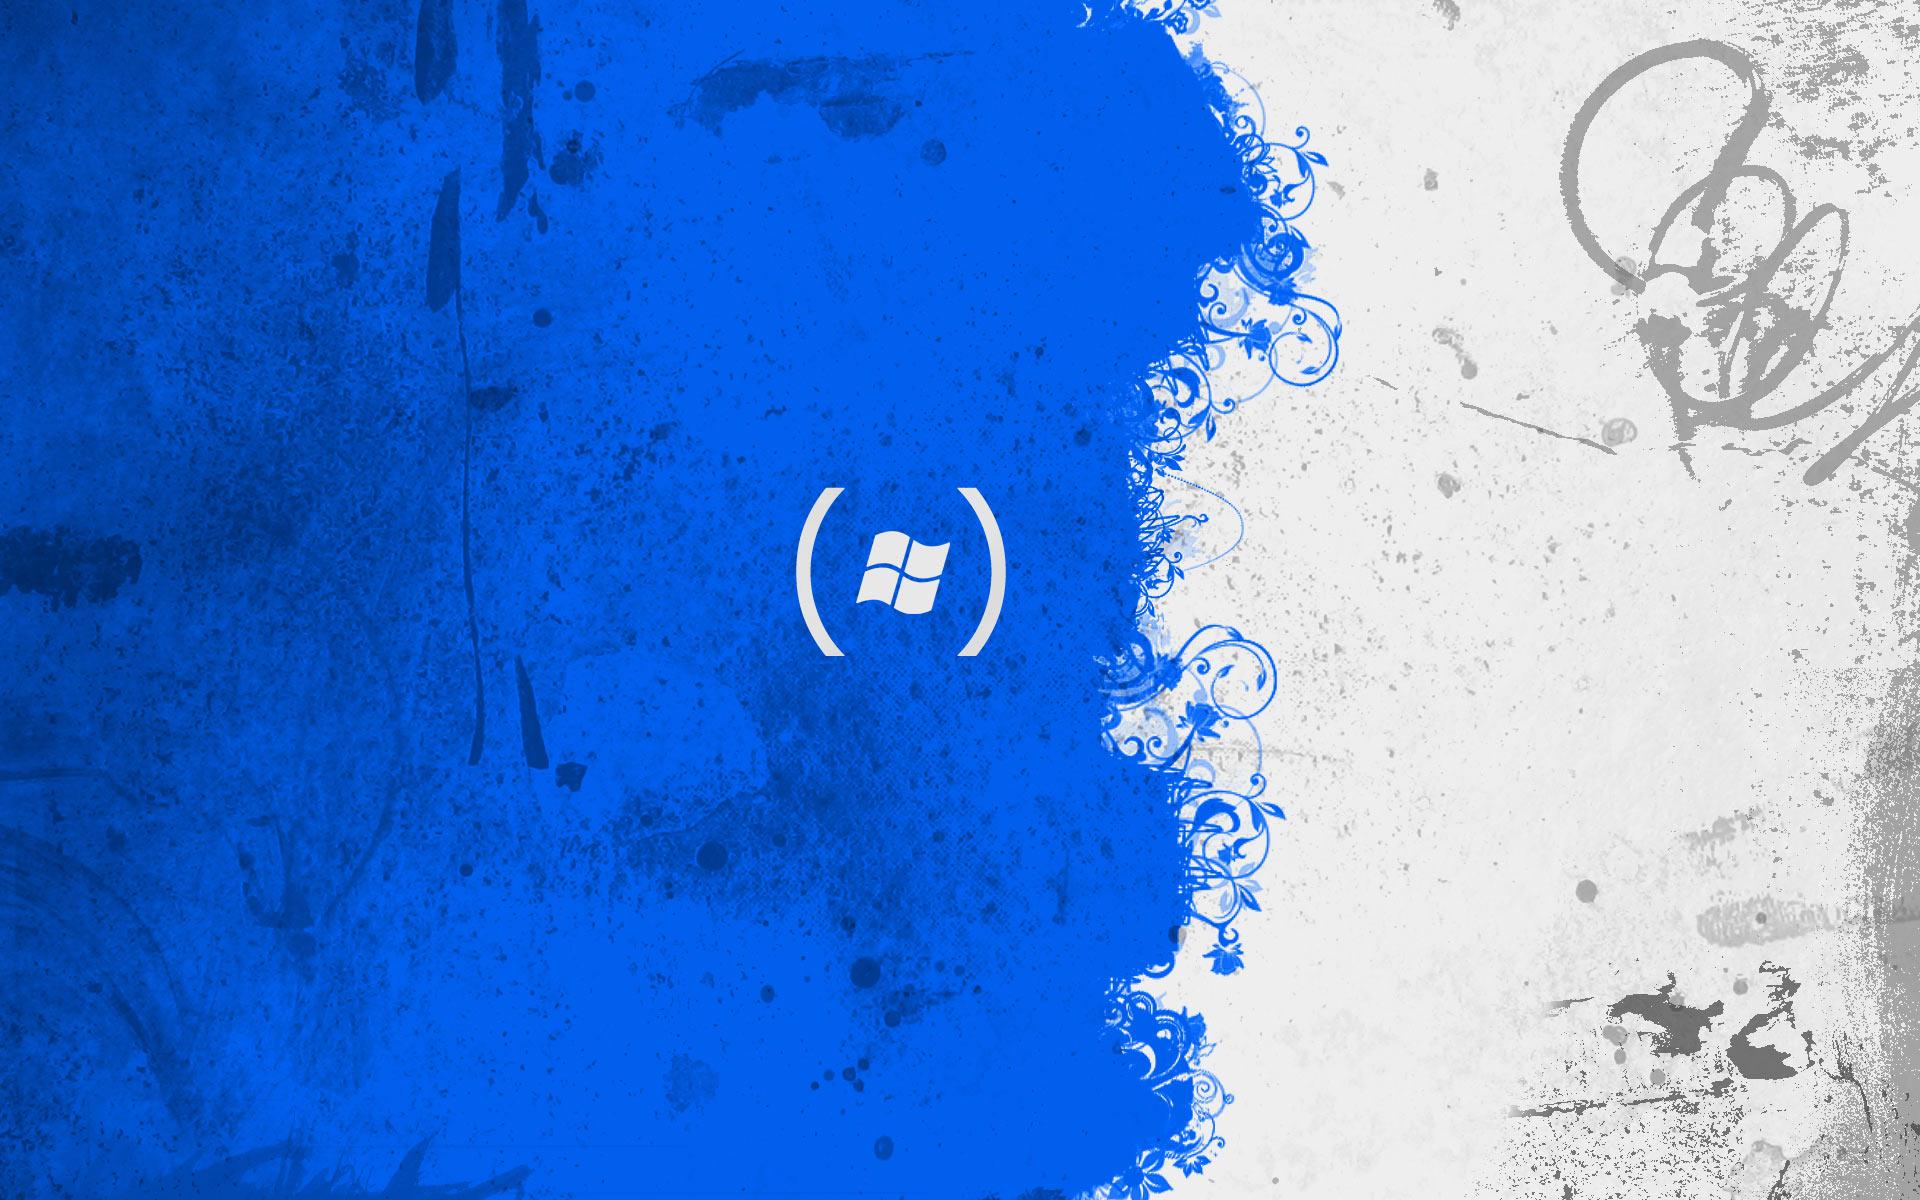 art desktop images High definition wallpaper High Definition 1920x1200